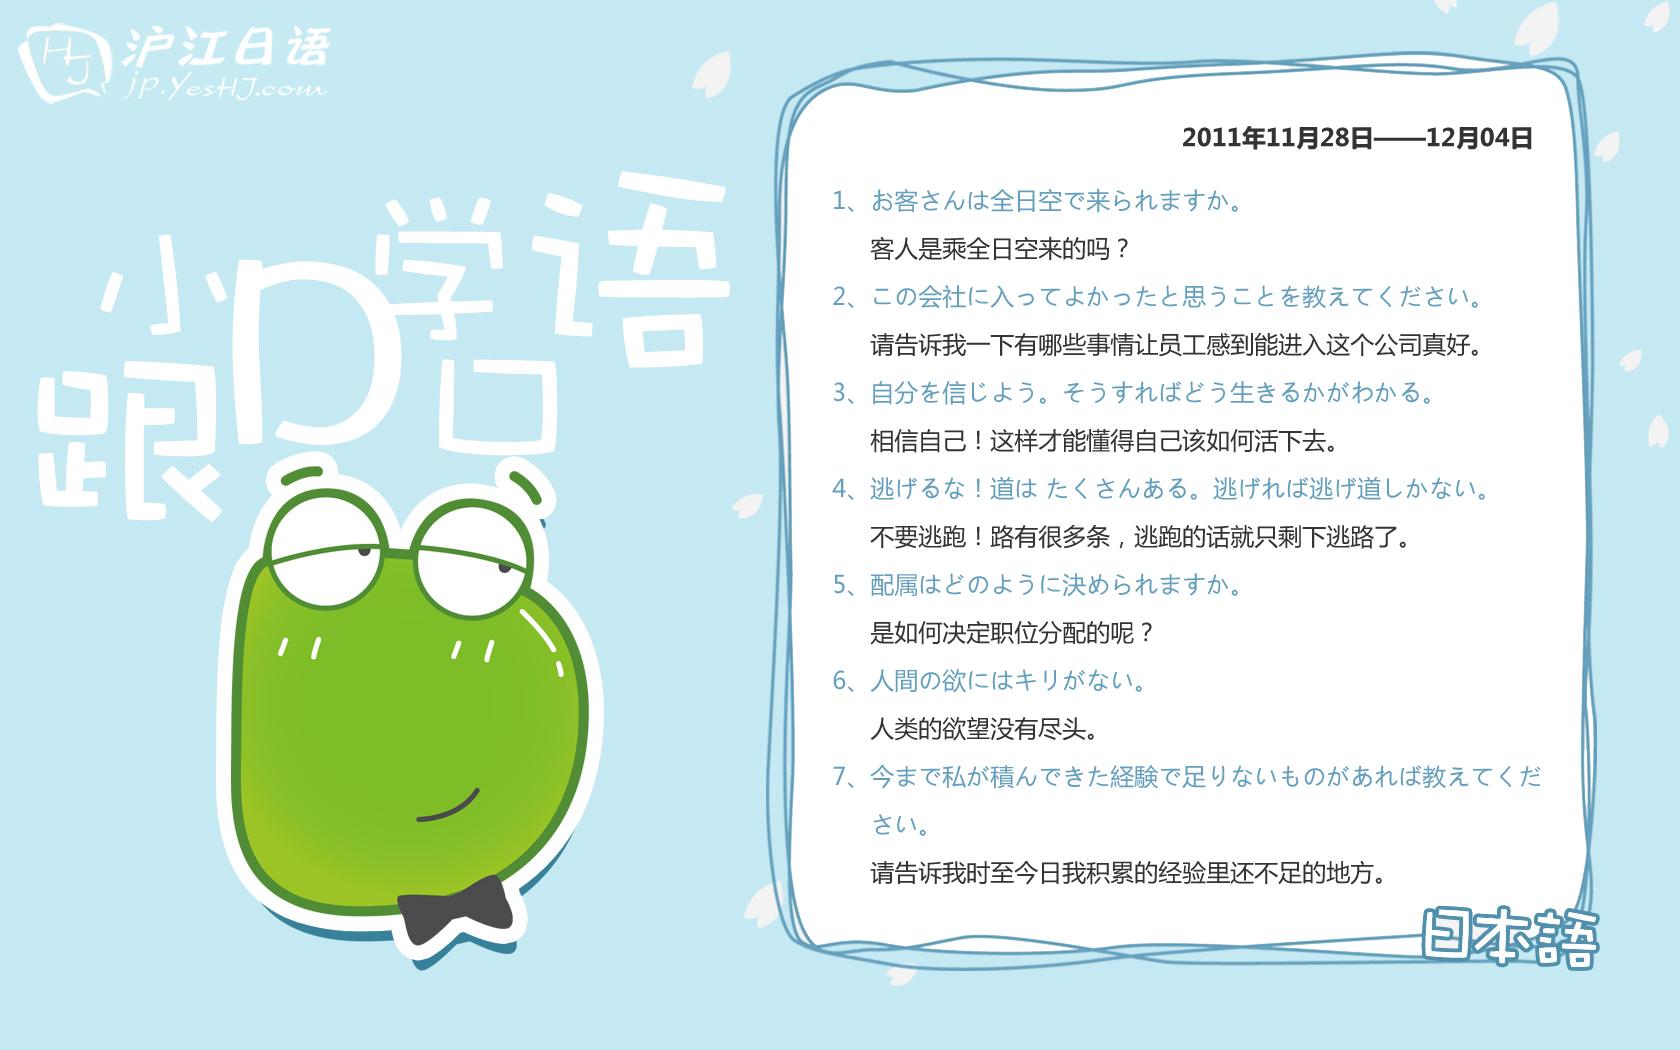 日语名人名言_沪江小d每日一句桌面壁纸